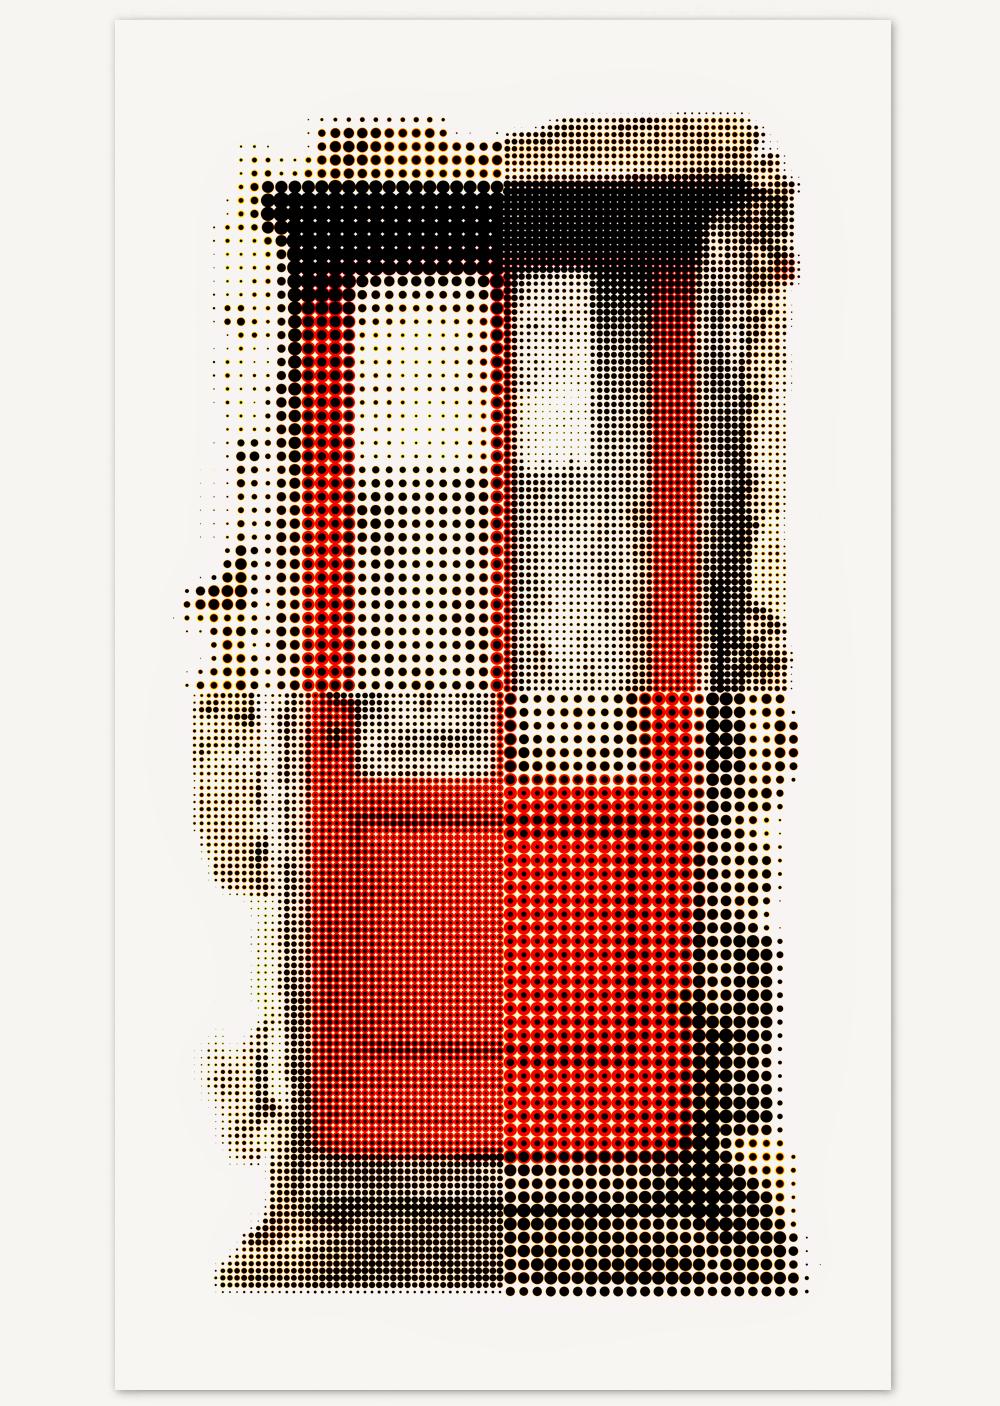 RED DOOR - LARGE.jpg